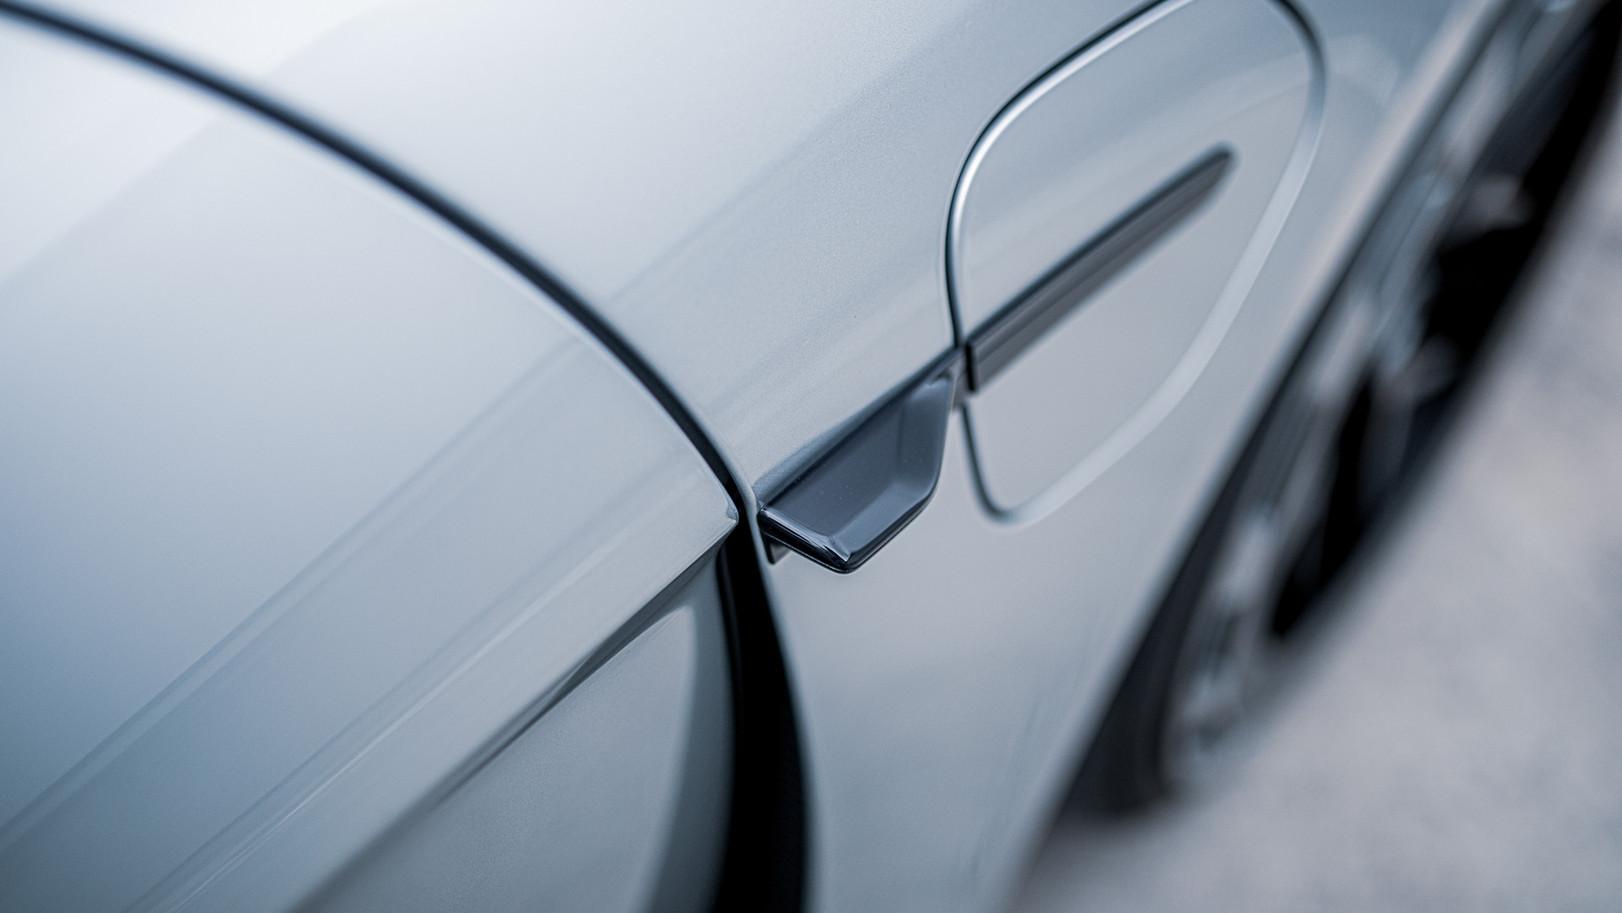 BSA Porsche Taycan (59).jpg